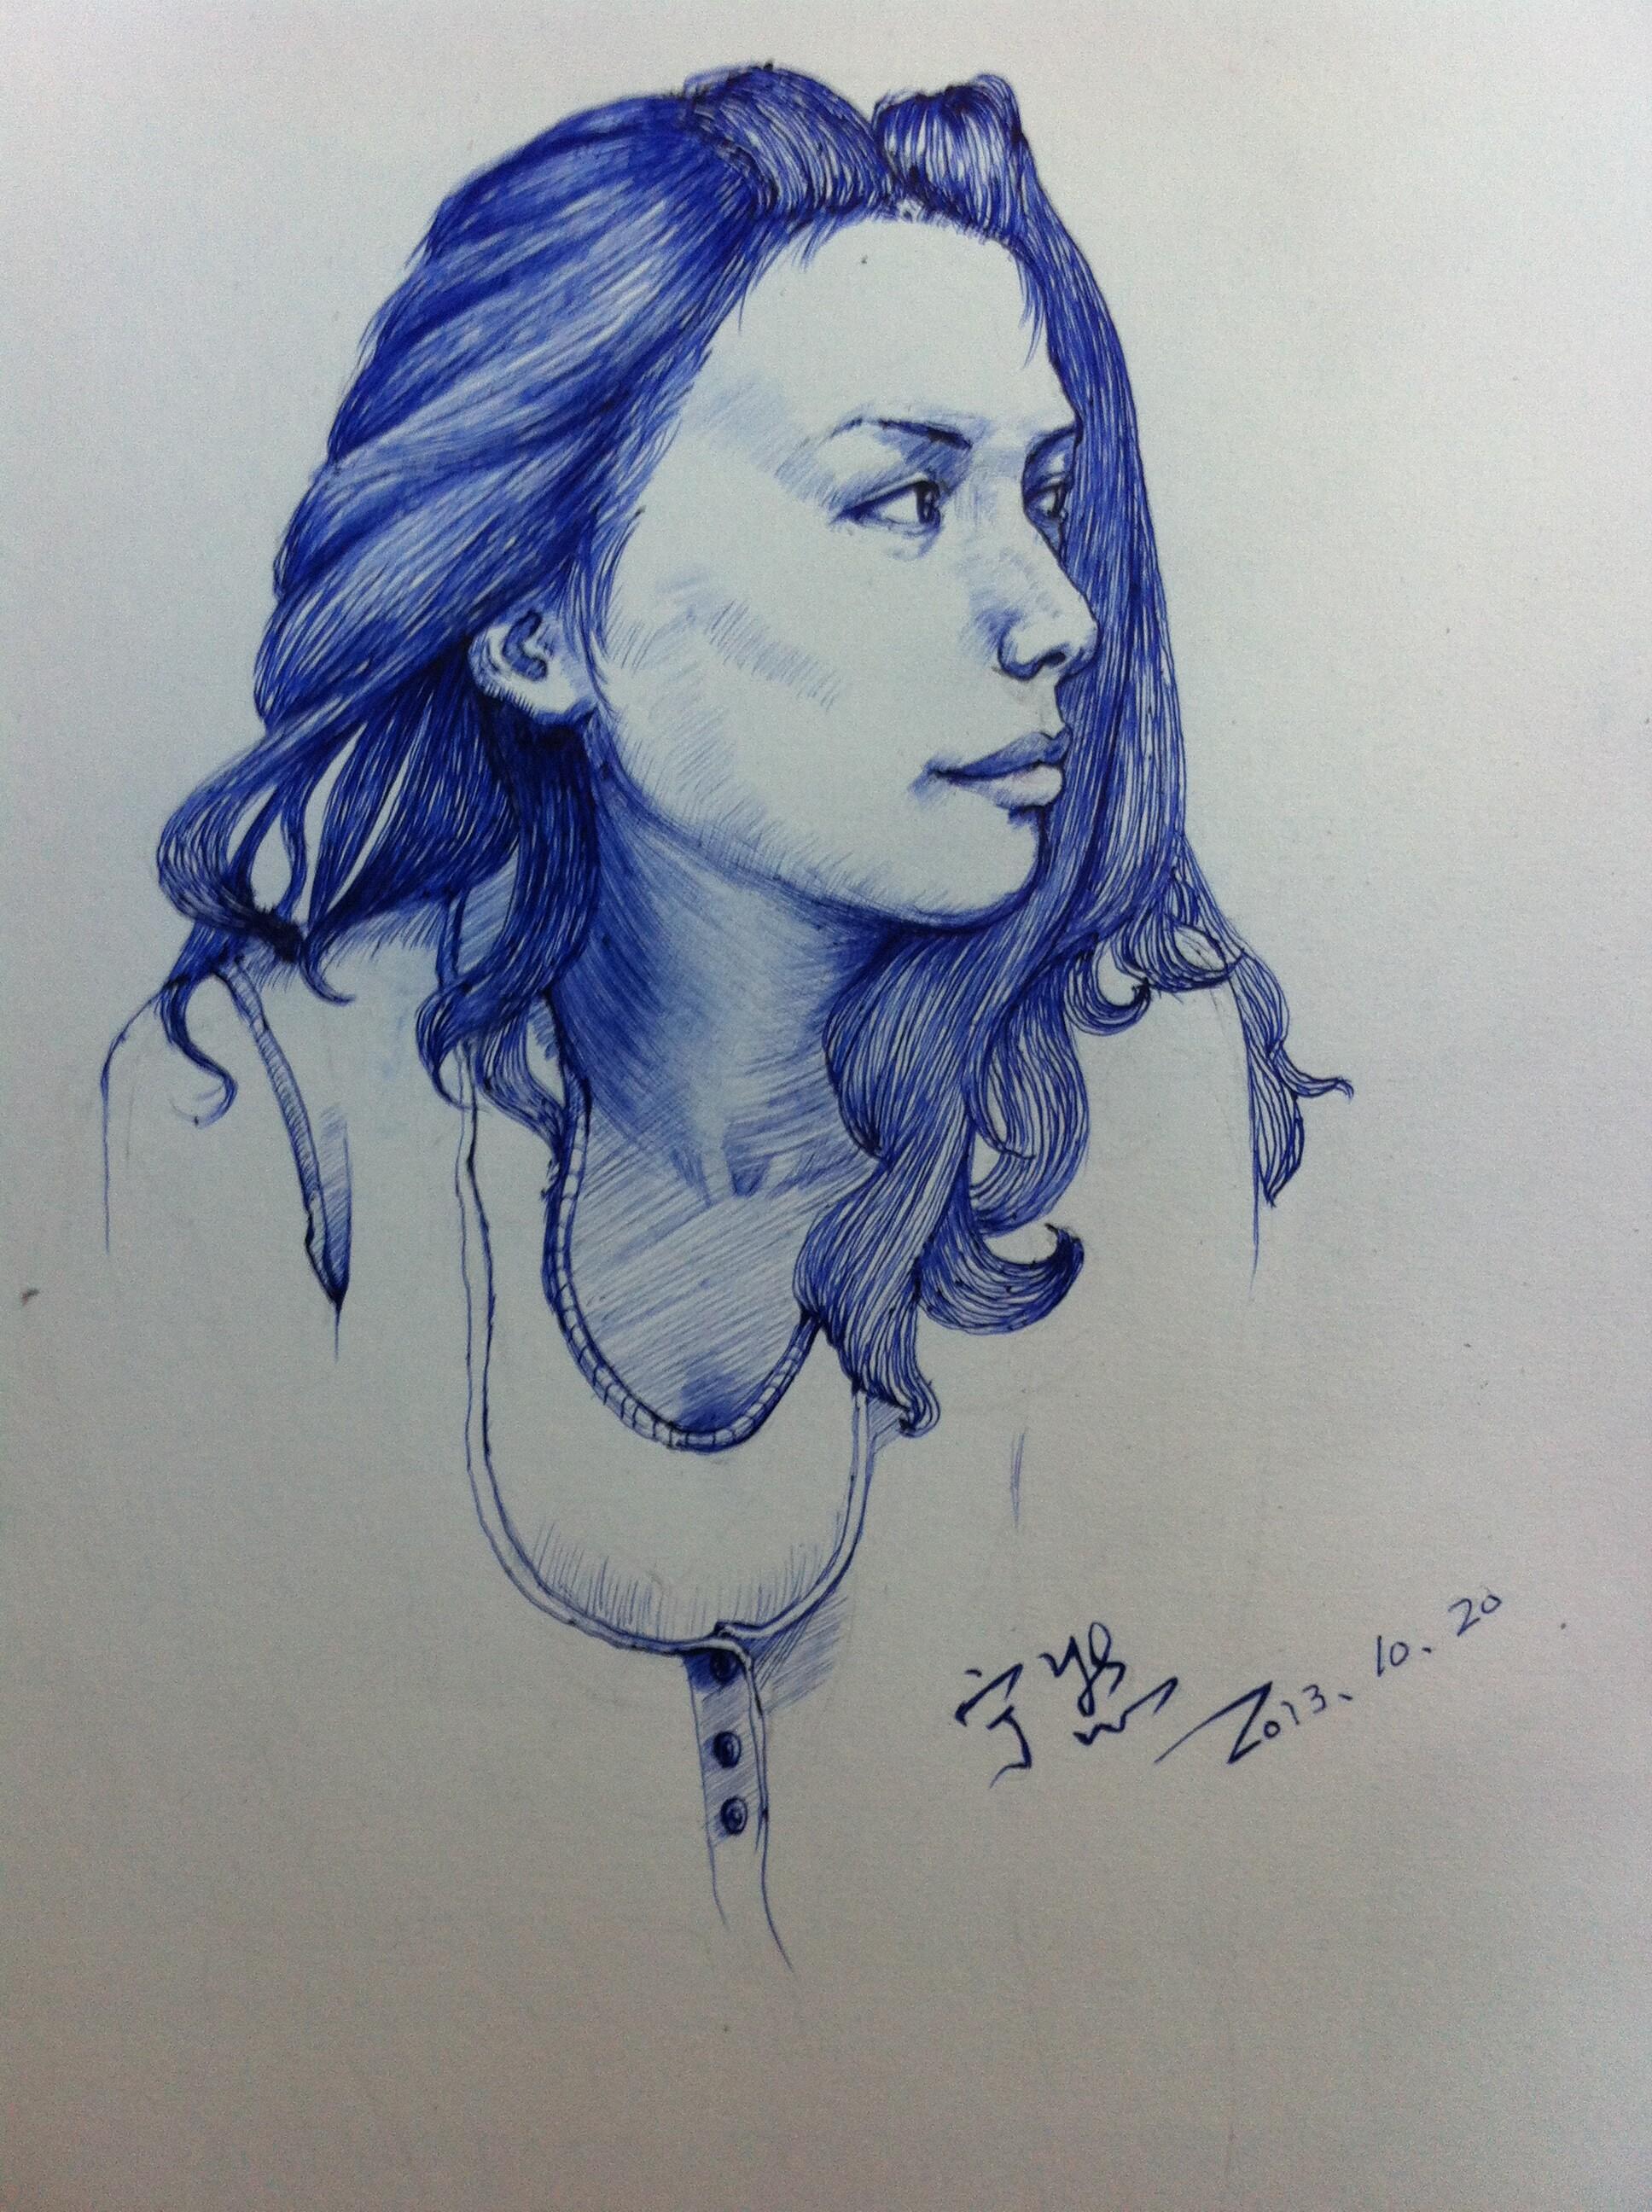 圆珠笔画的美女,还有用马克笔和针管笔画